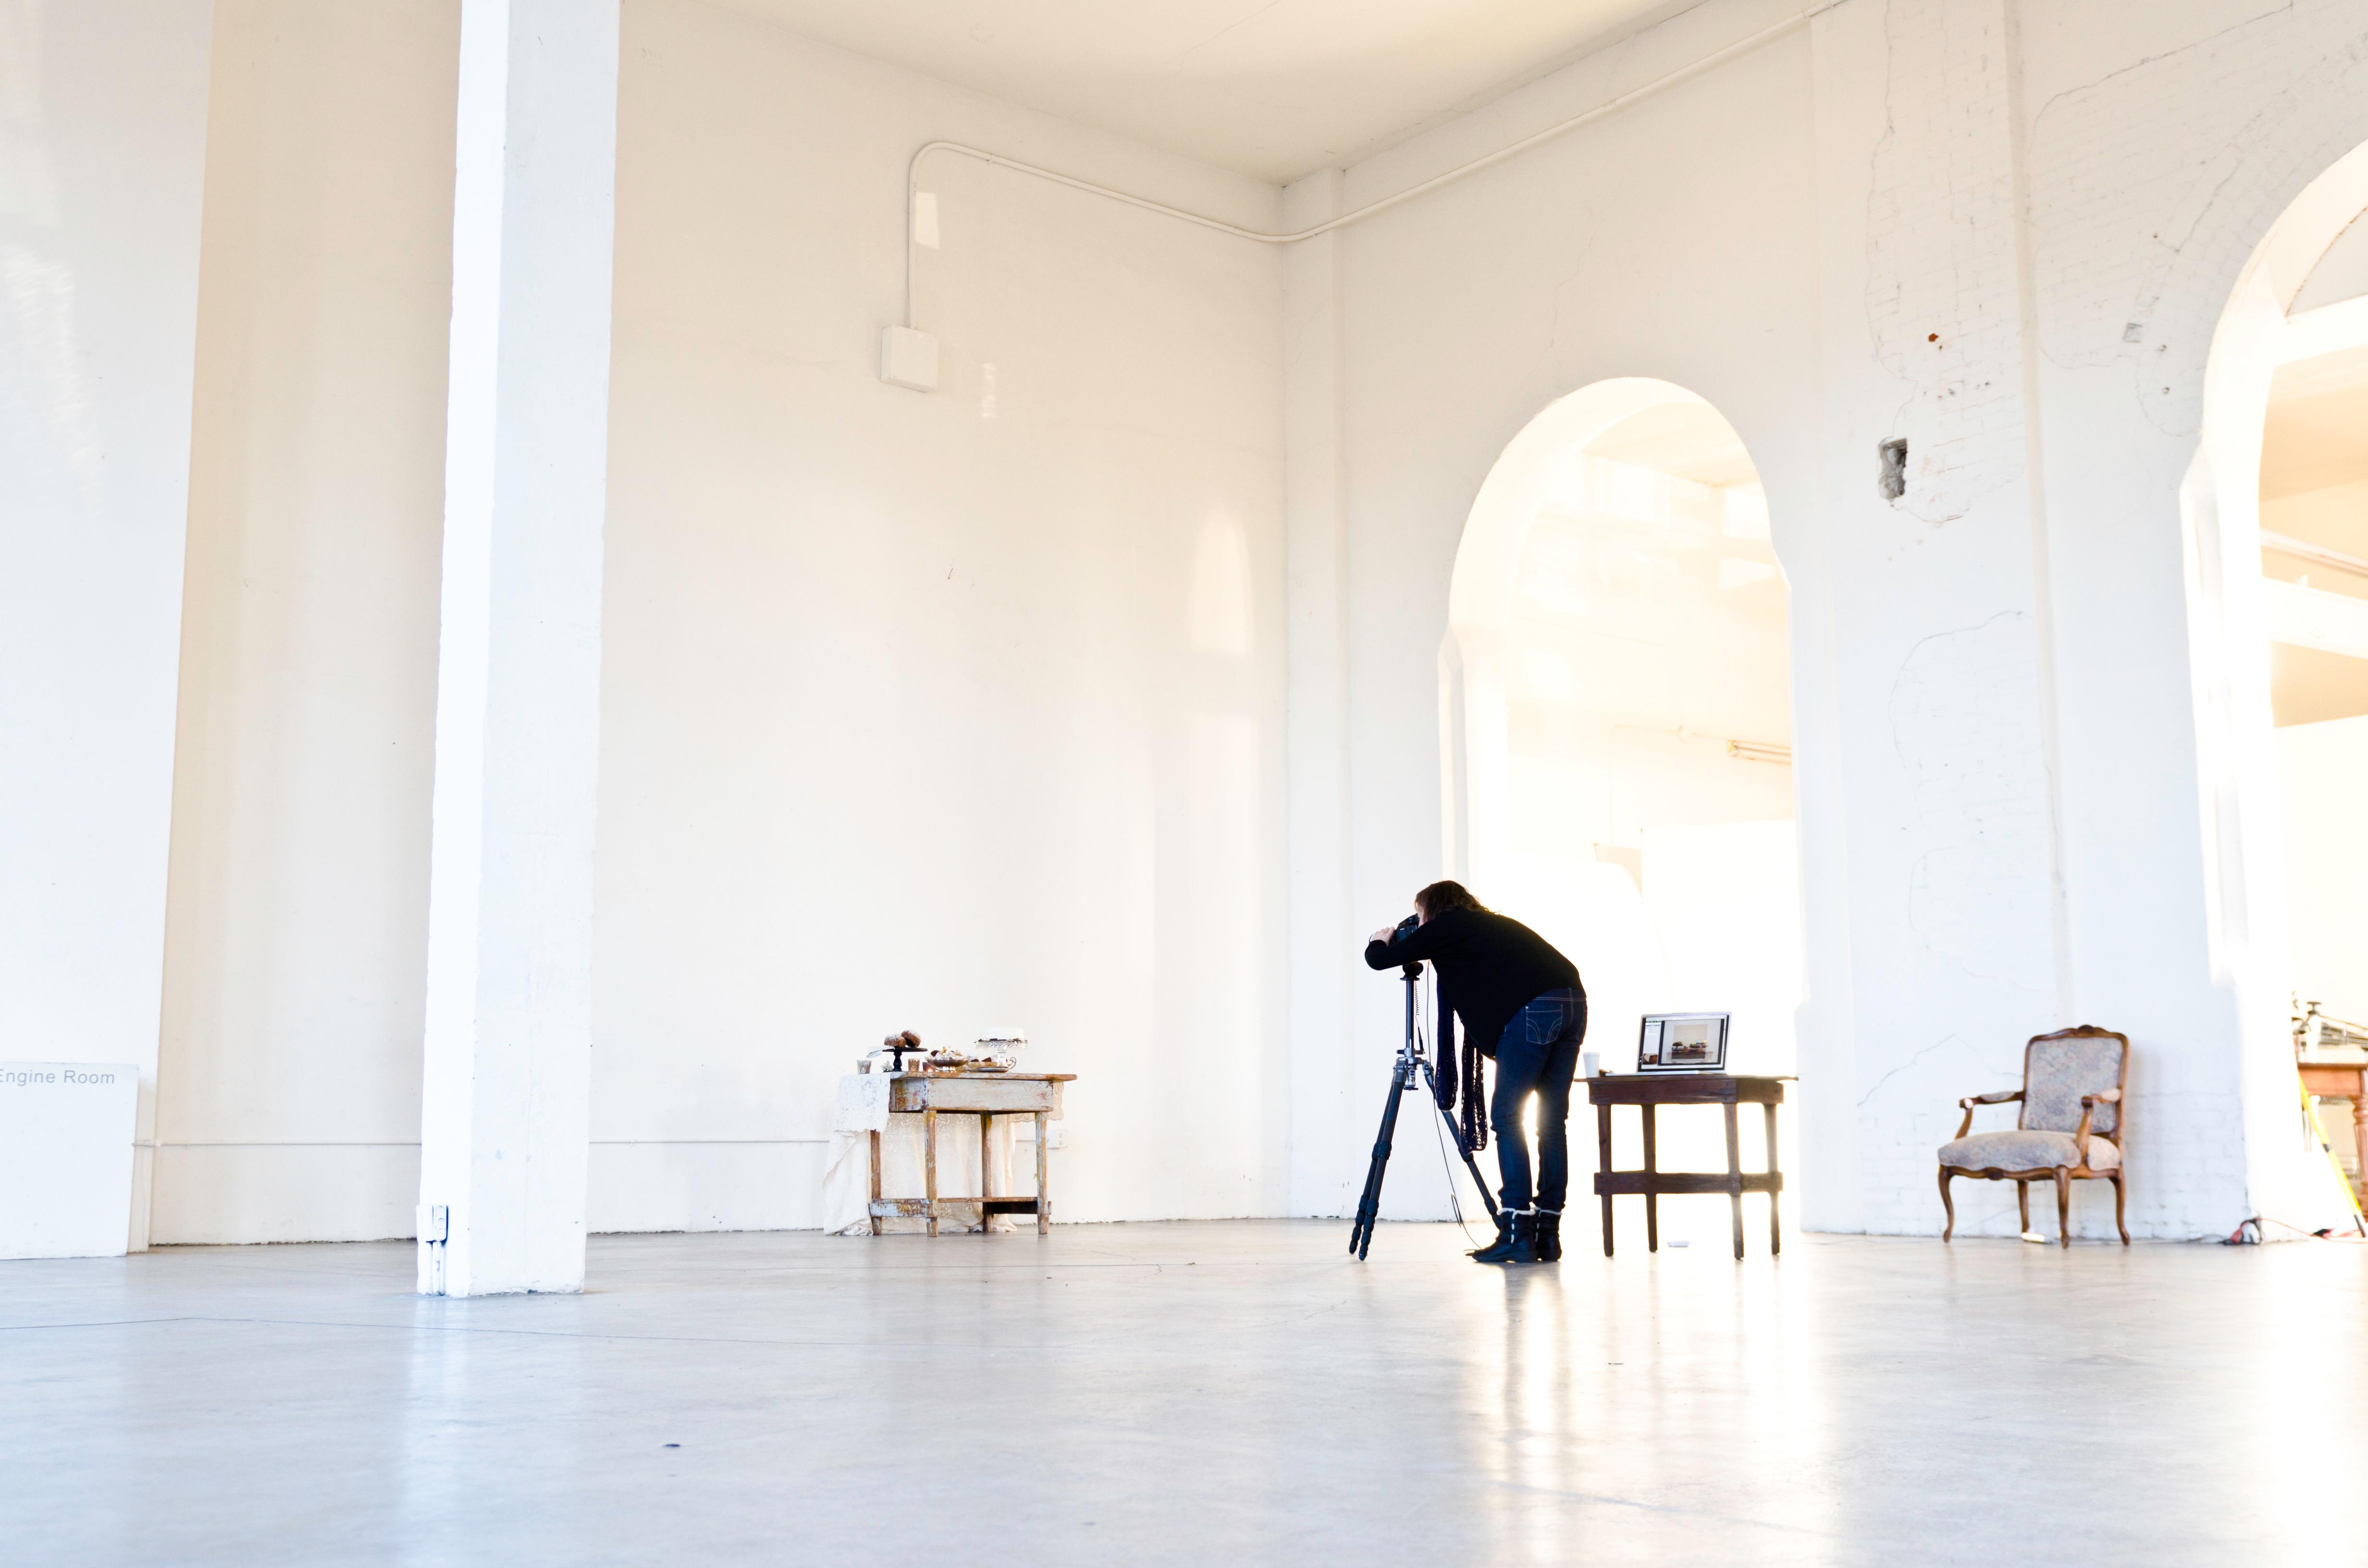 residencias artísticas en estados unidos